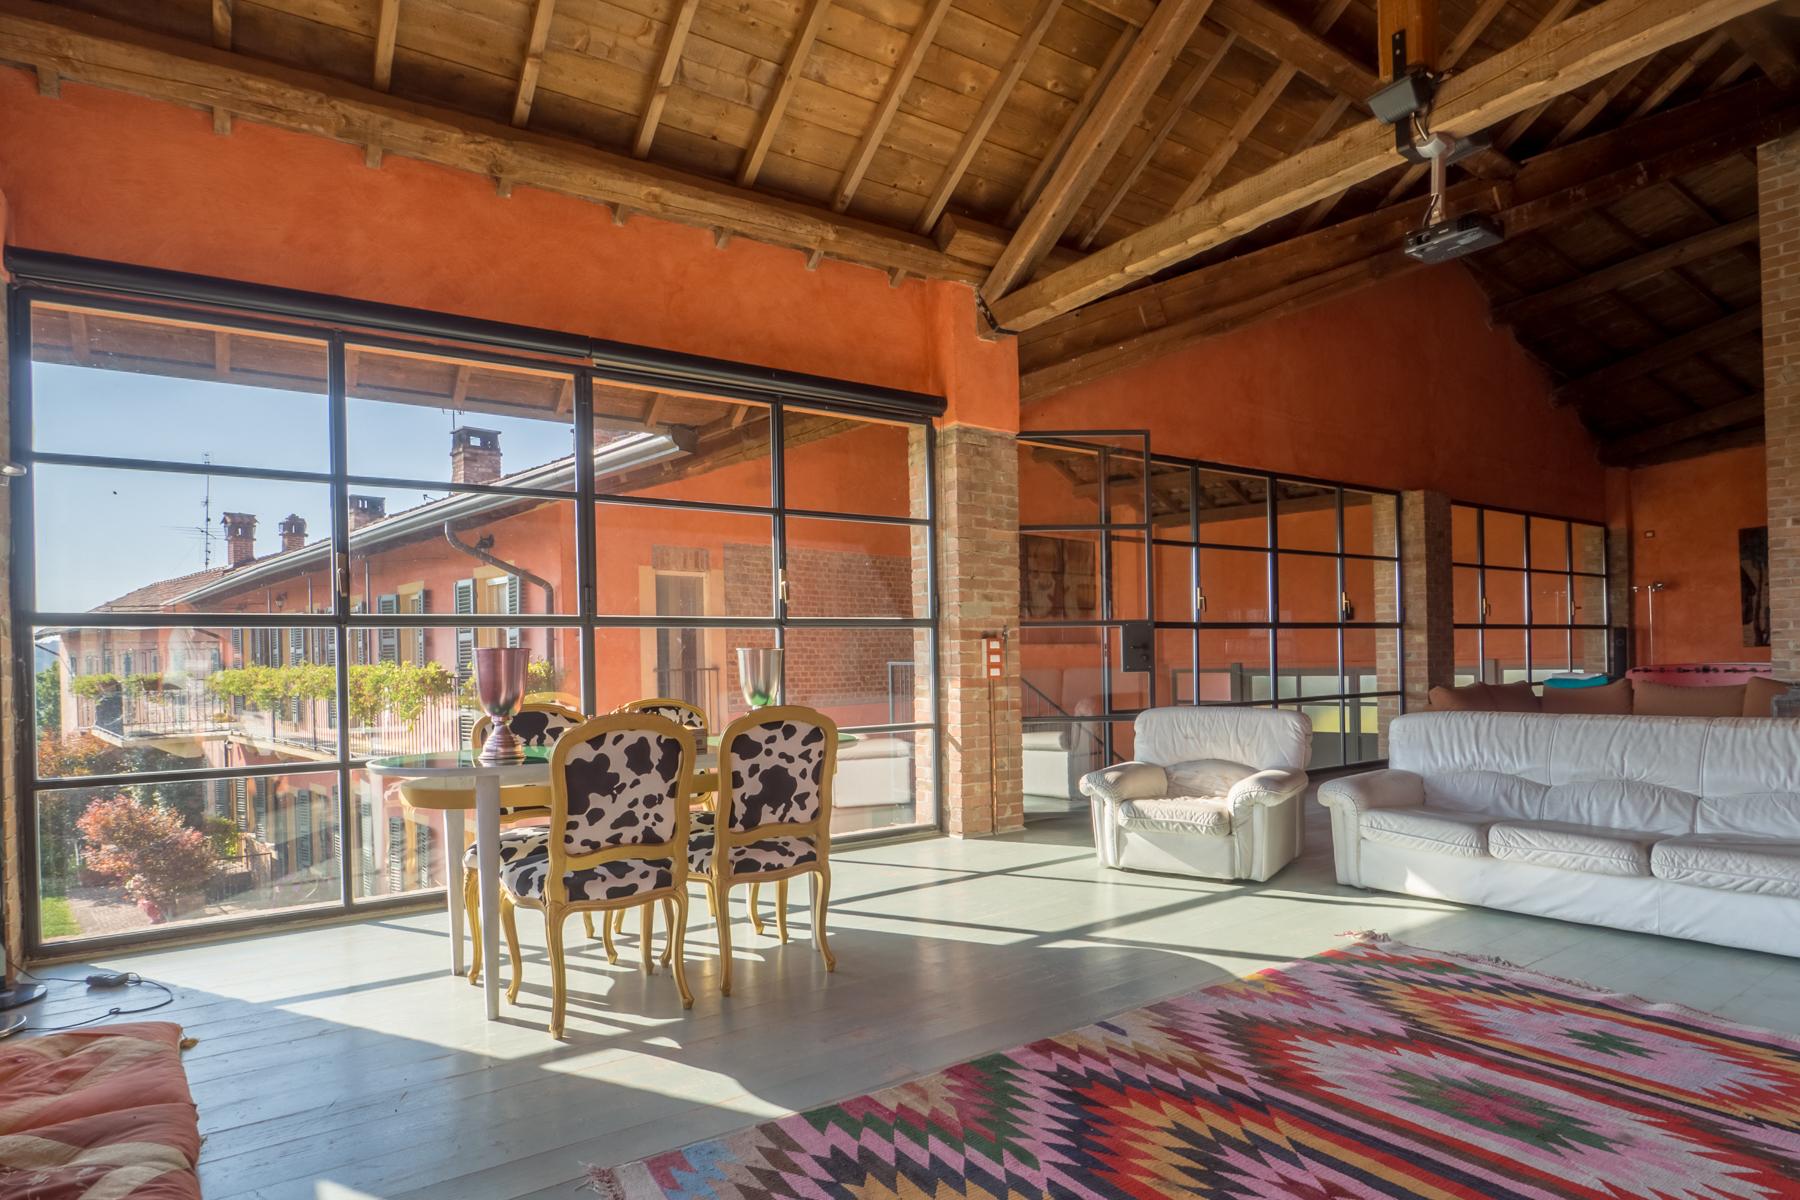 Rustico in Vendita a Montemagno: 5 locali, 2000 mq - Foto 22